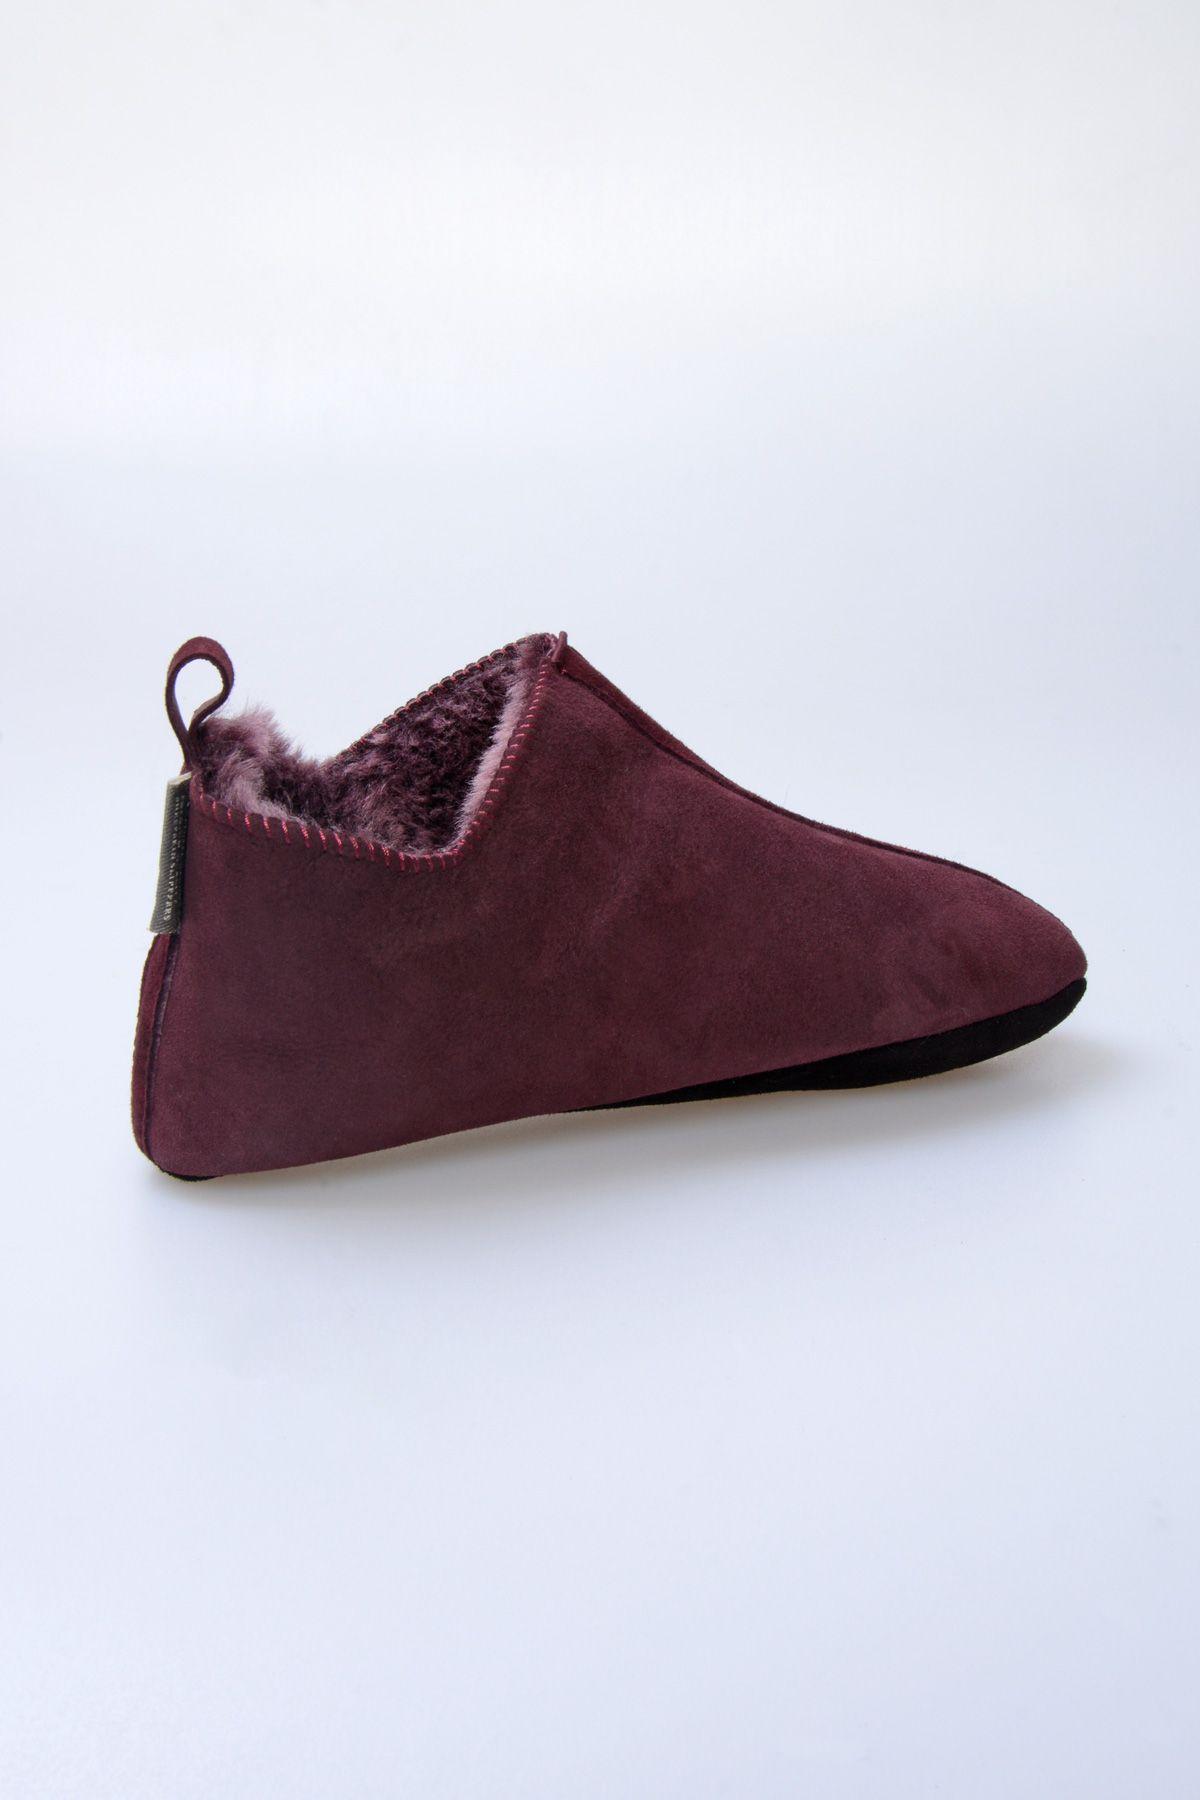 Pegia Original Fur Ladies Home Shoes 980573 Claret red